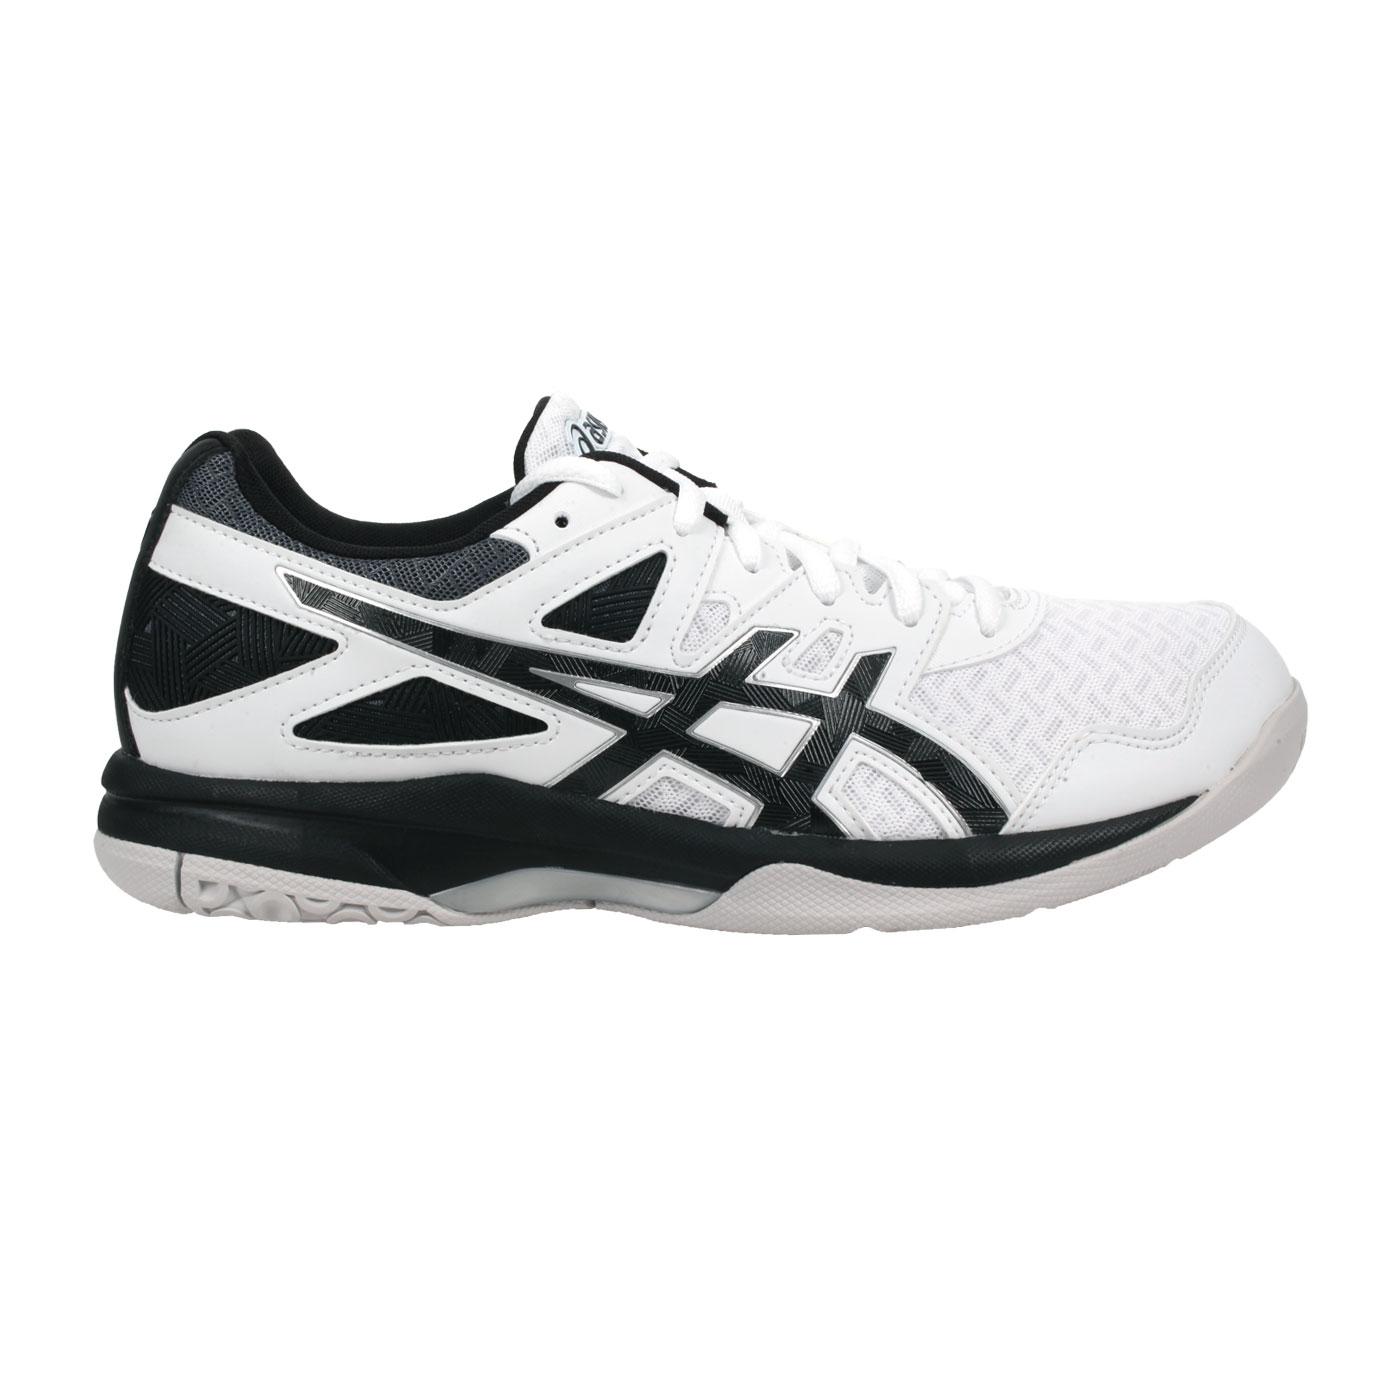 ASICS 男款排羽球鞋  @GEL-TASK 2@1071A037-004 - 白黑